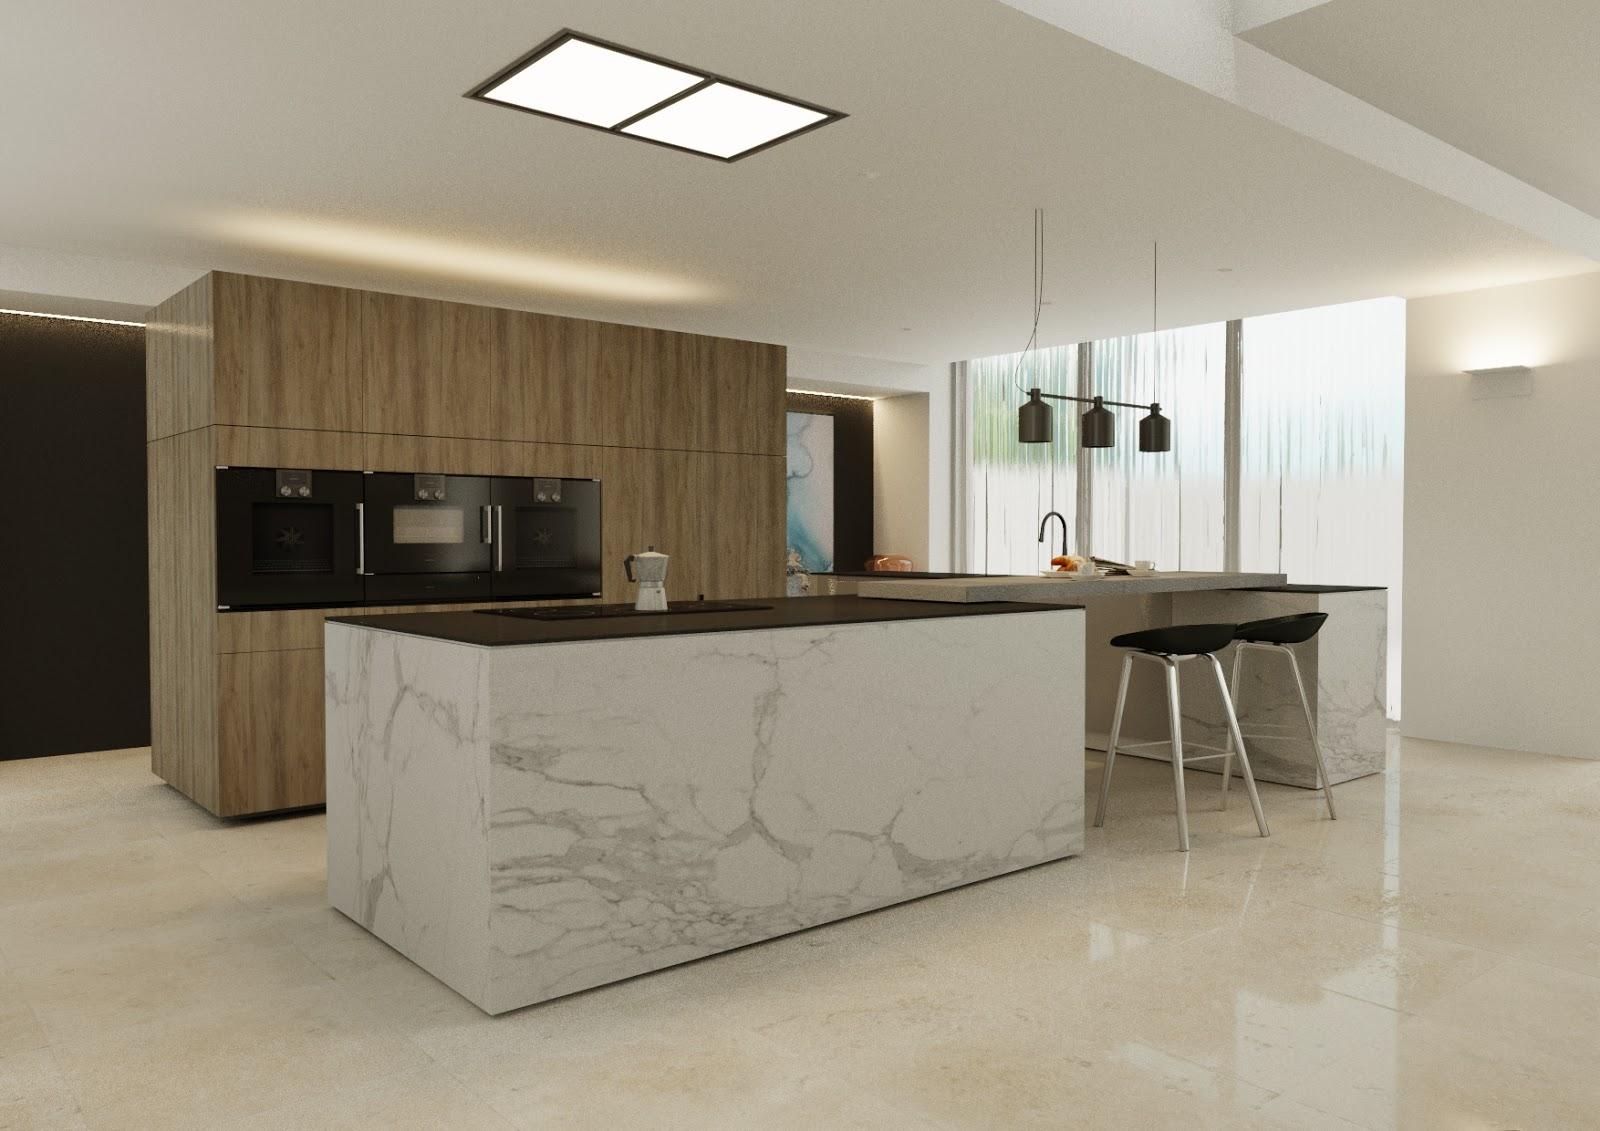 modern kitchen design requires modern kitchen design Modern Kitchen Design requires Contemporary approach